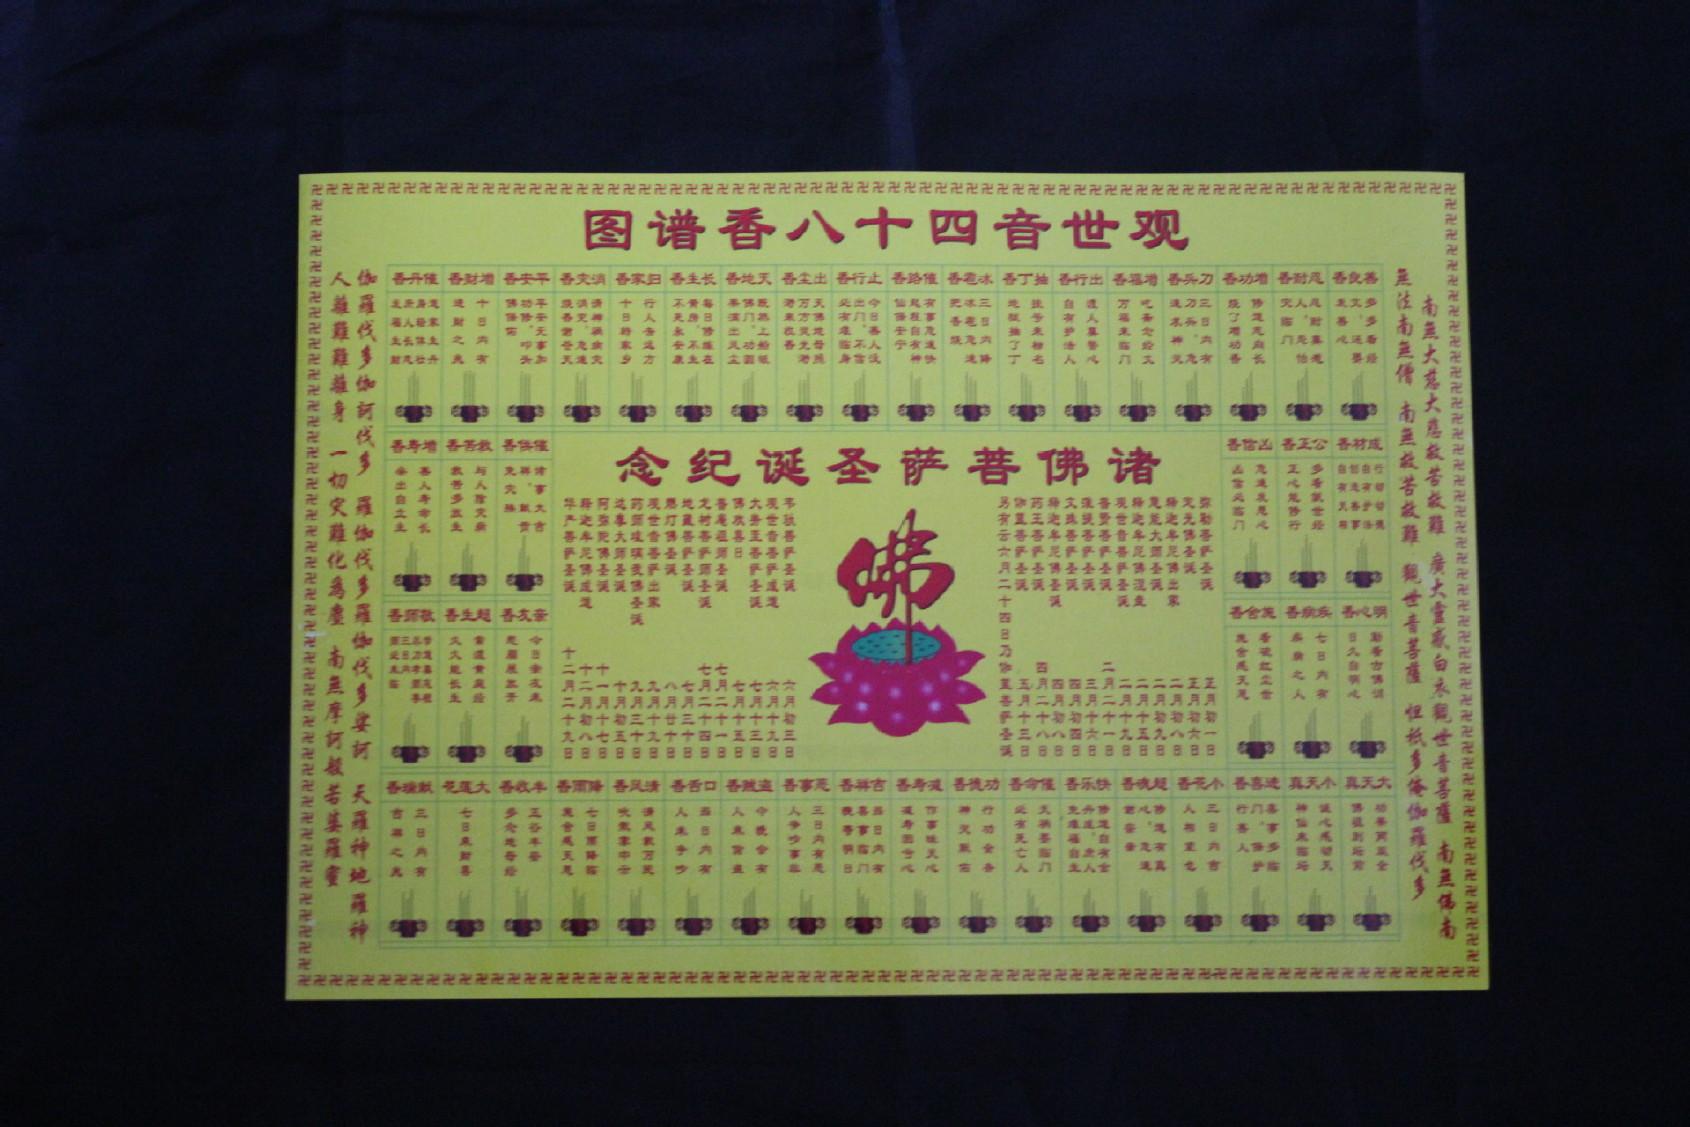 高清香谱图解_24香谱72香普高清大图图解